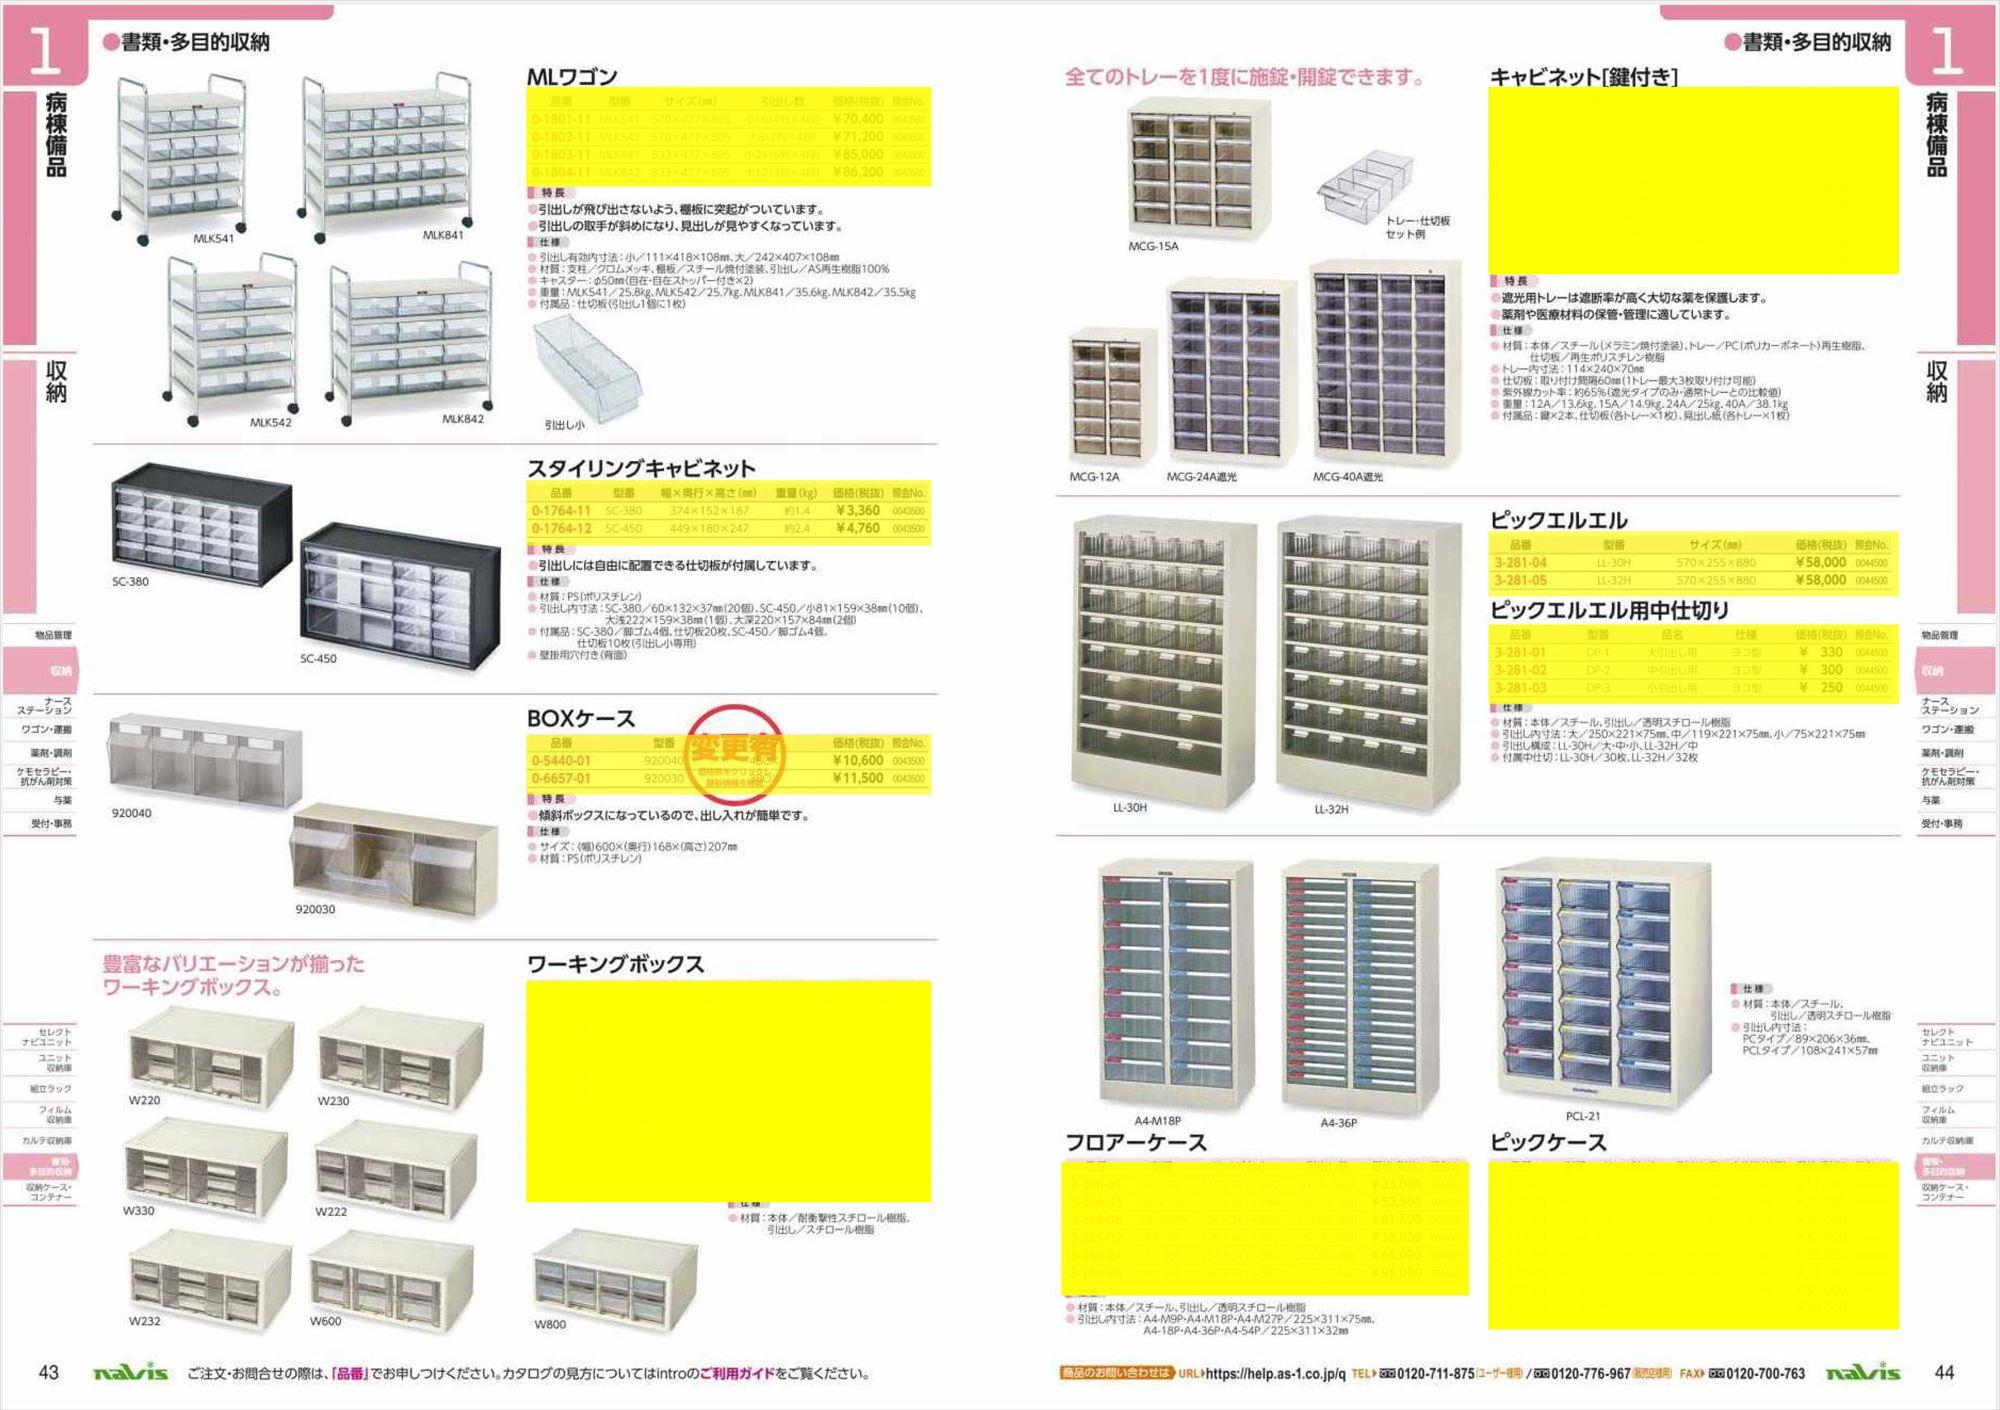 ナビス30000 3-286-01 フロアーケース 278×341×880mm フロア-ケ-スA4-M9P G080202 1[個]